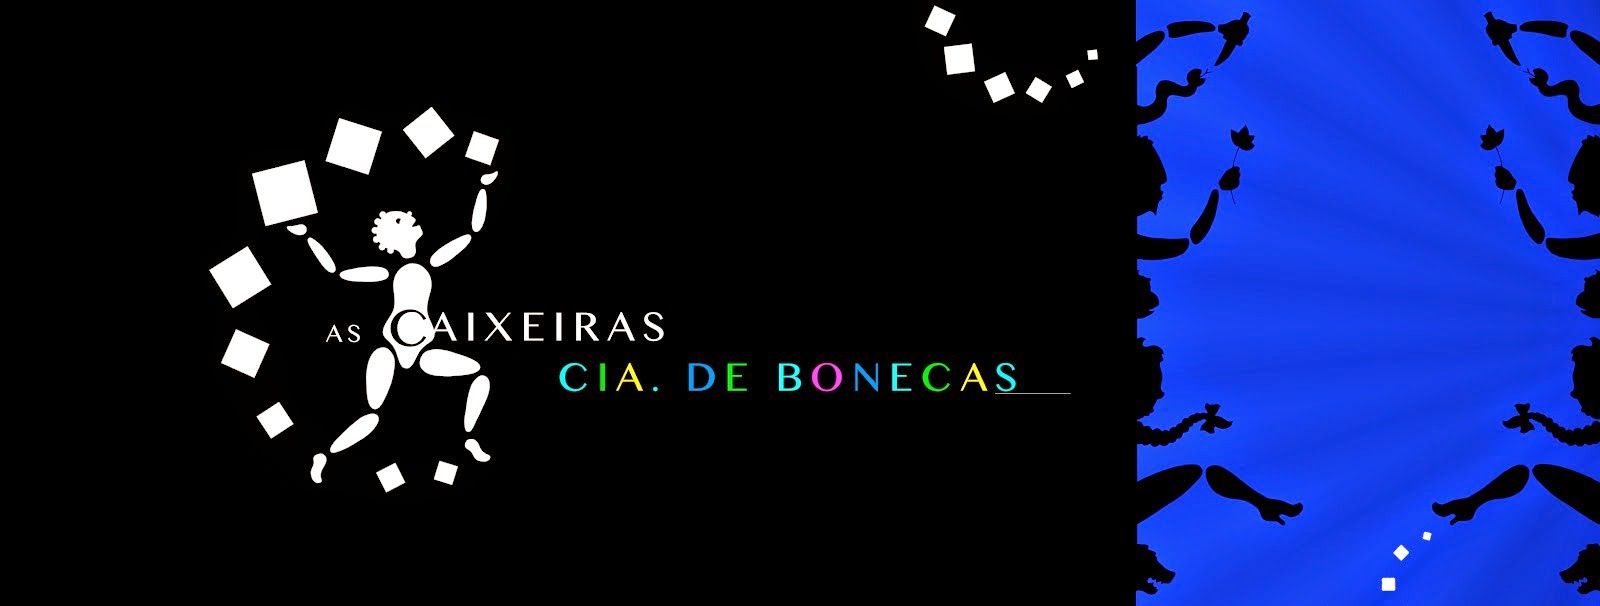 AS CAIXEIRAS CIA. DE BONECAS